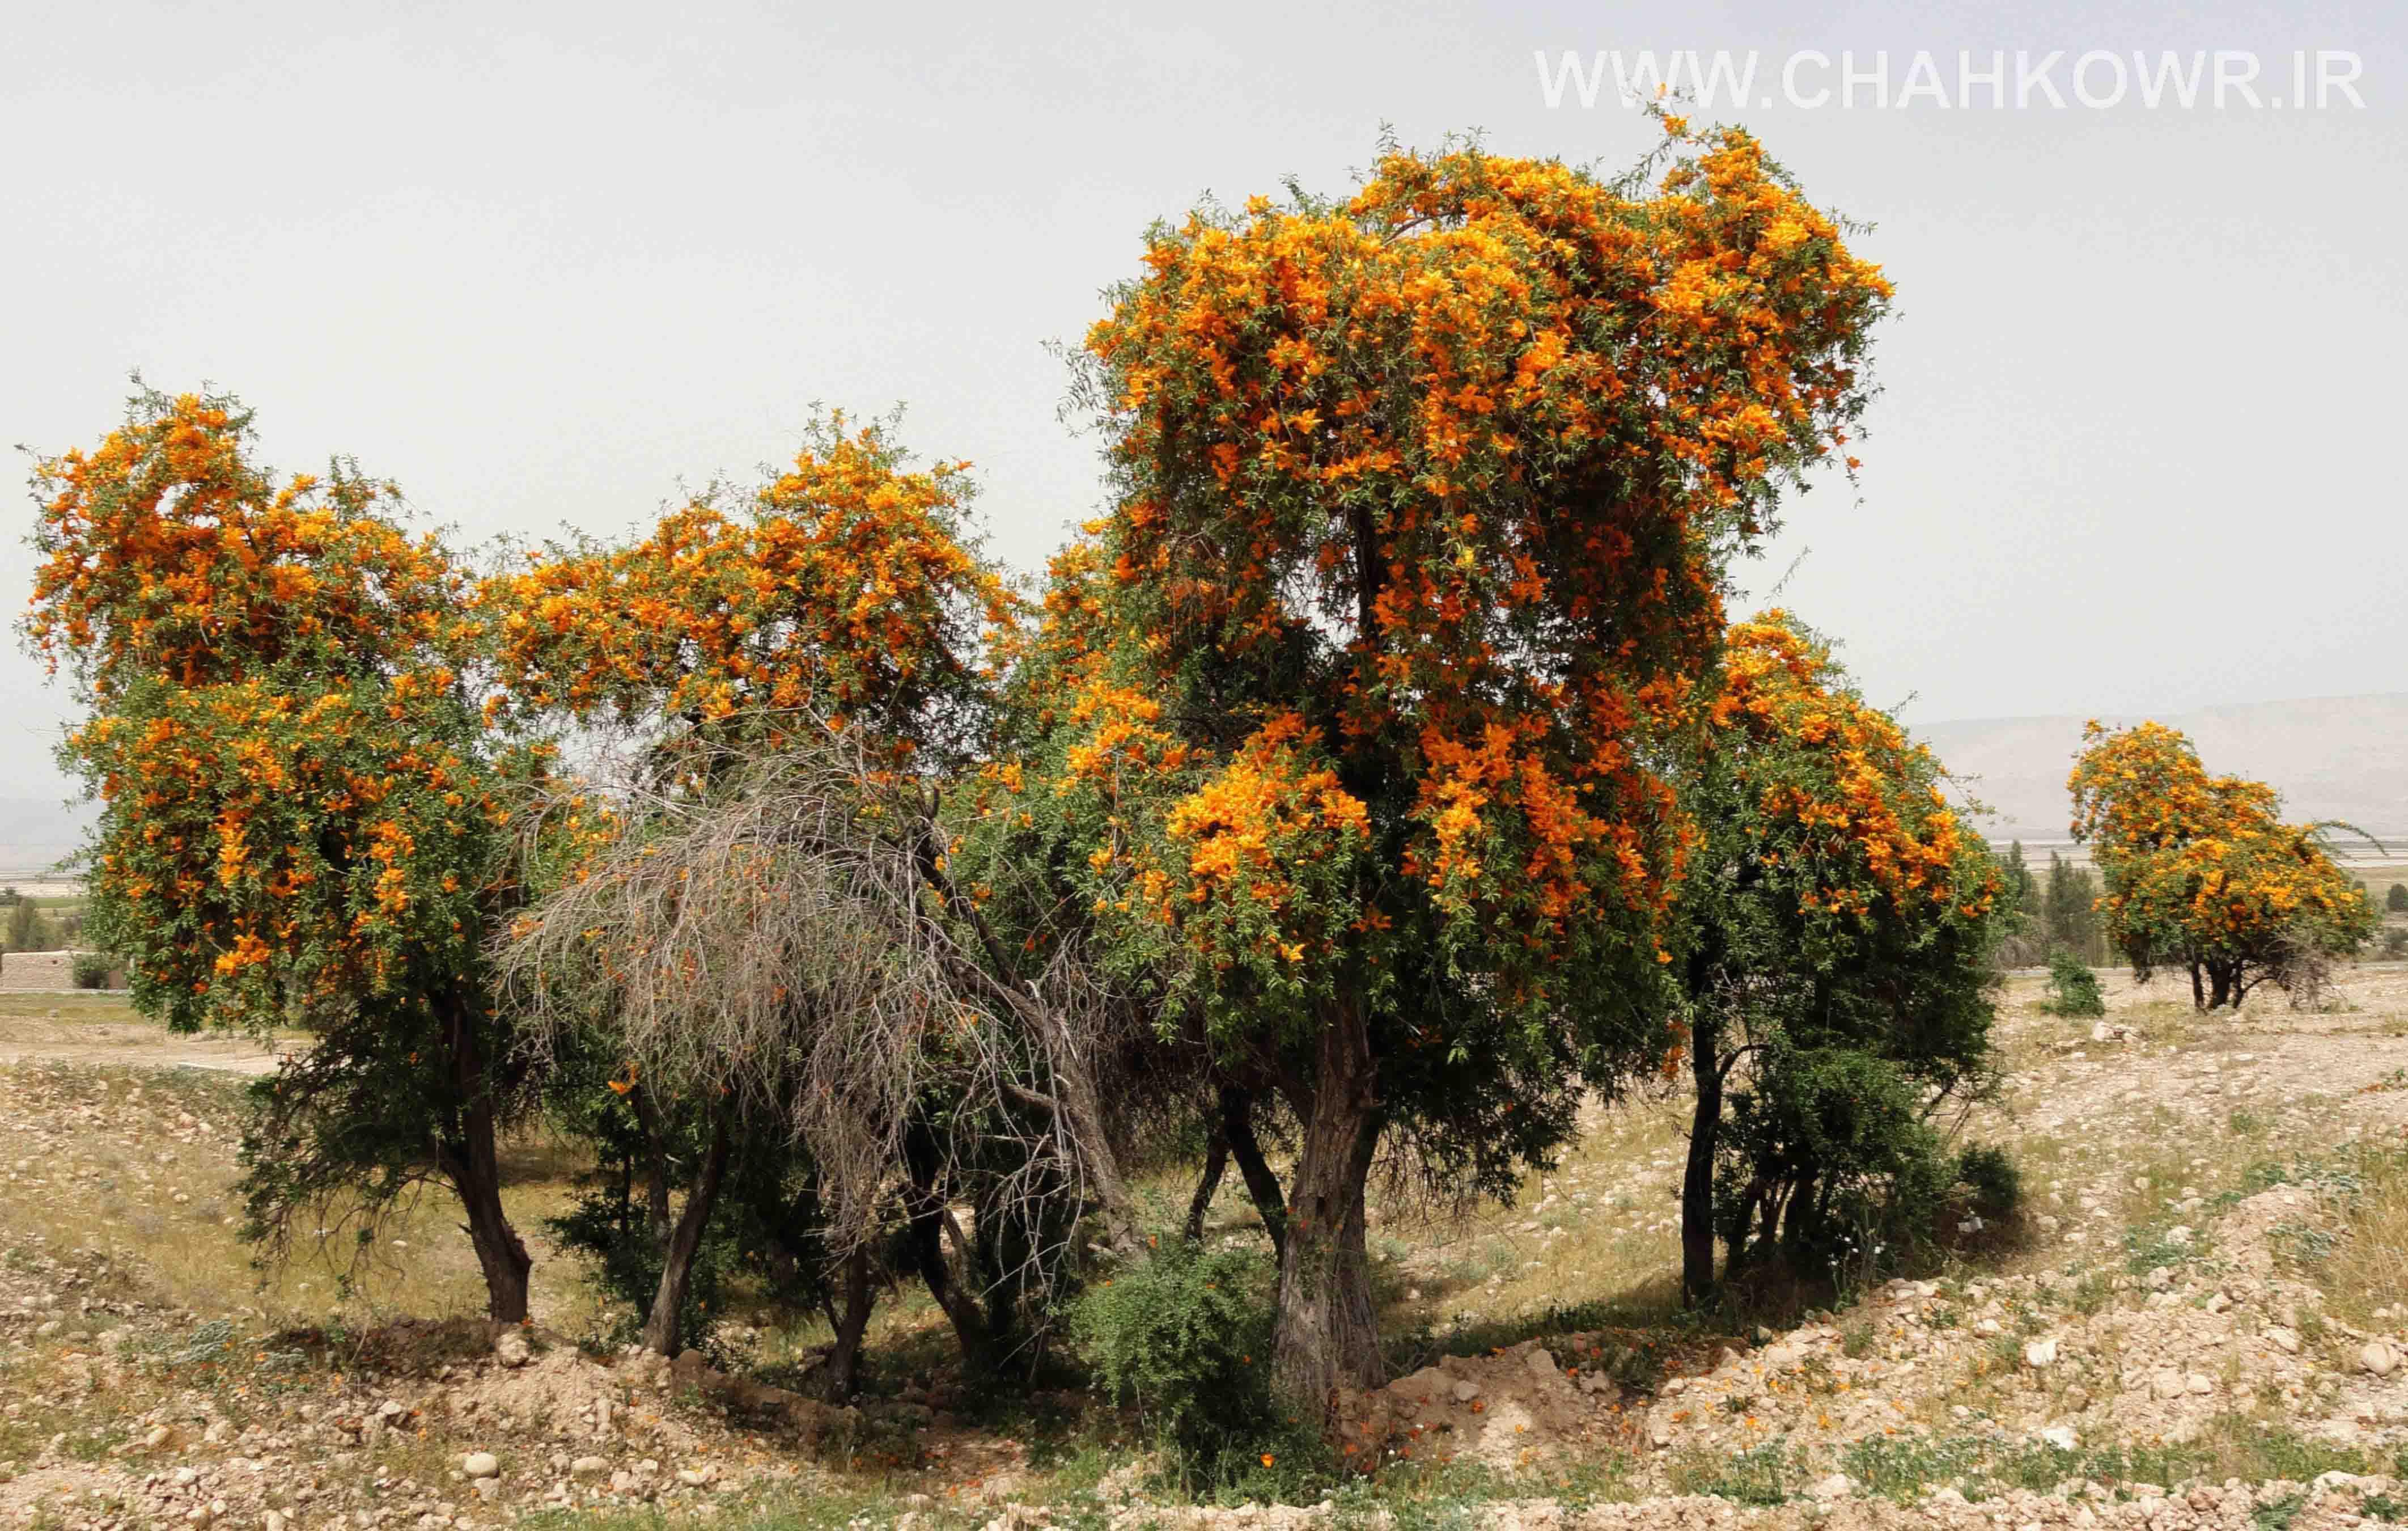 http://bayanbox.ir/view/1844307395428012216/Semeng-Tree.jpg